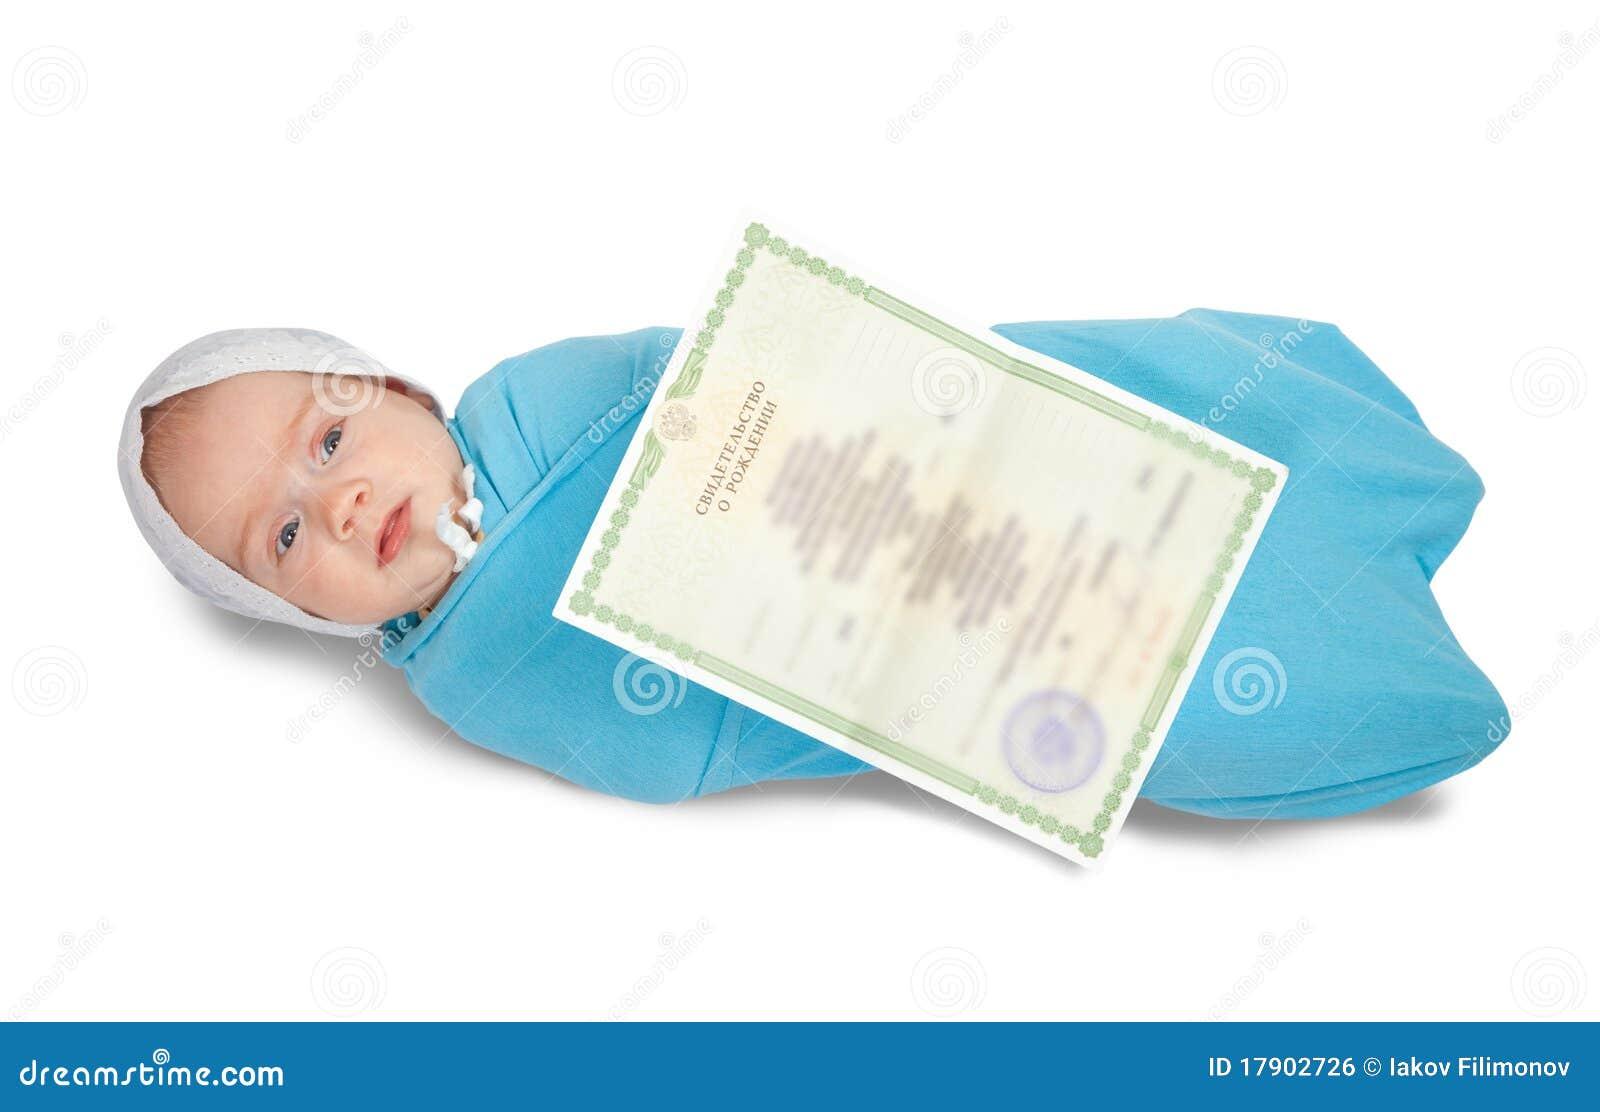 Bebé Con El Certificado De Nacimiento Foto de archivo - Imagen de ...